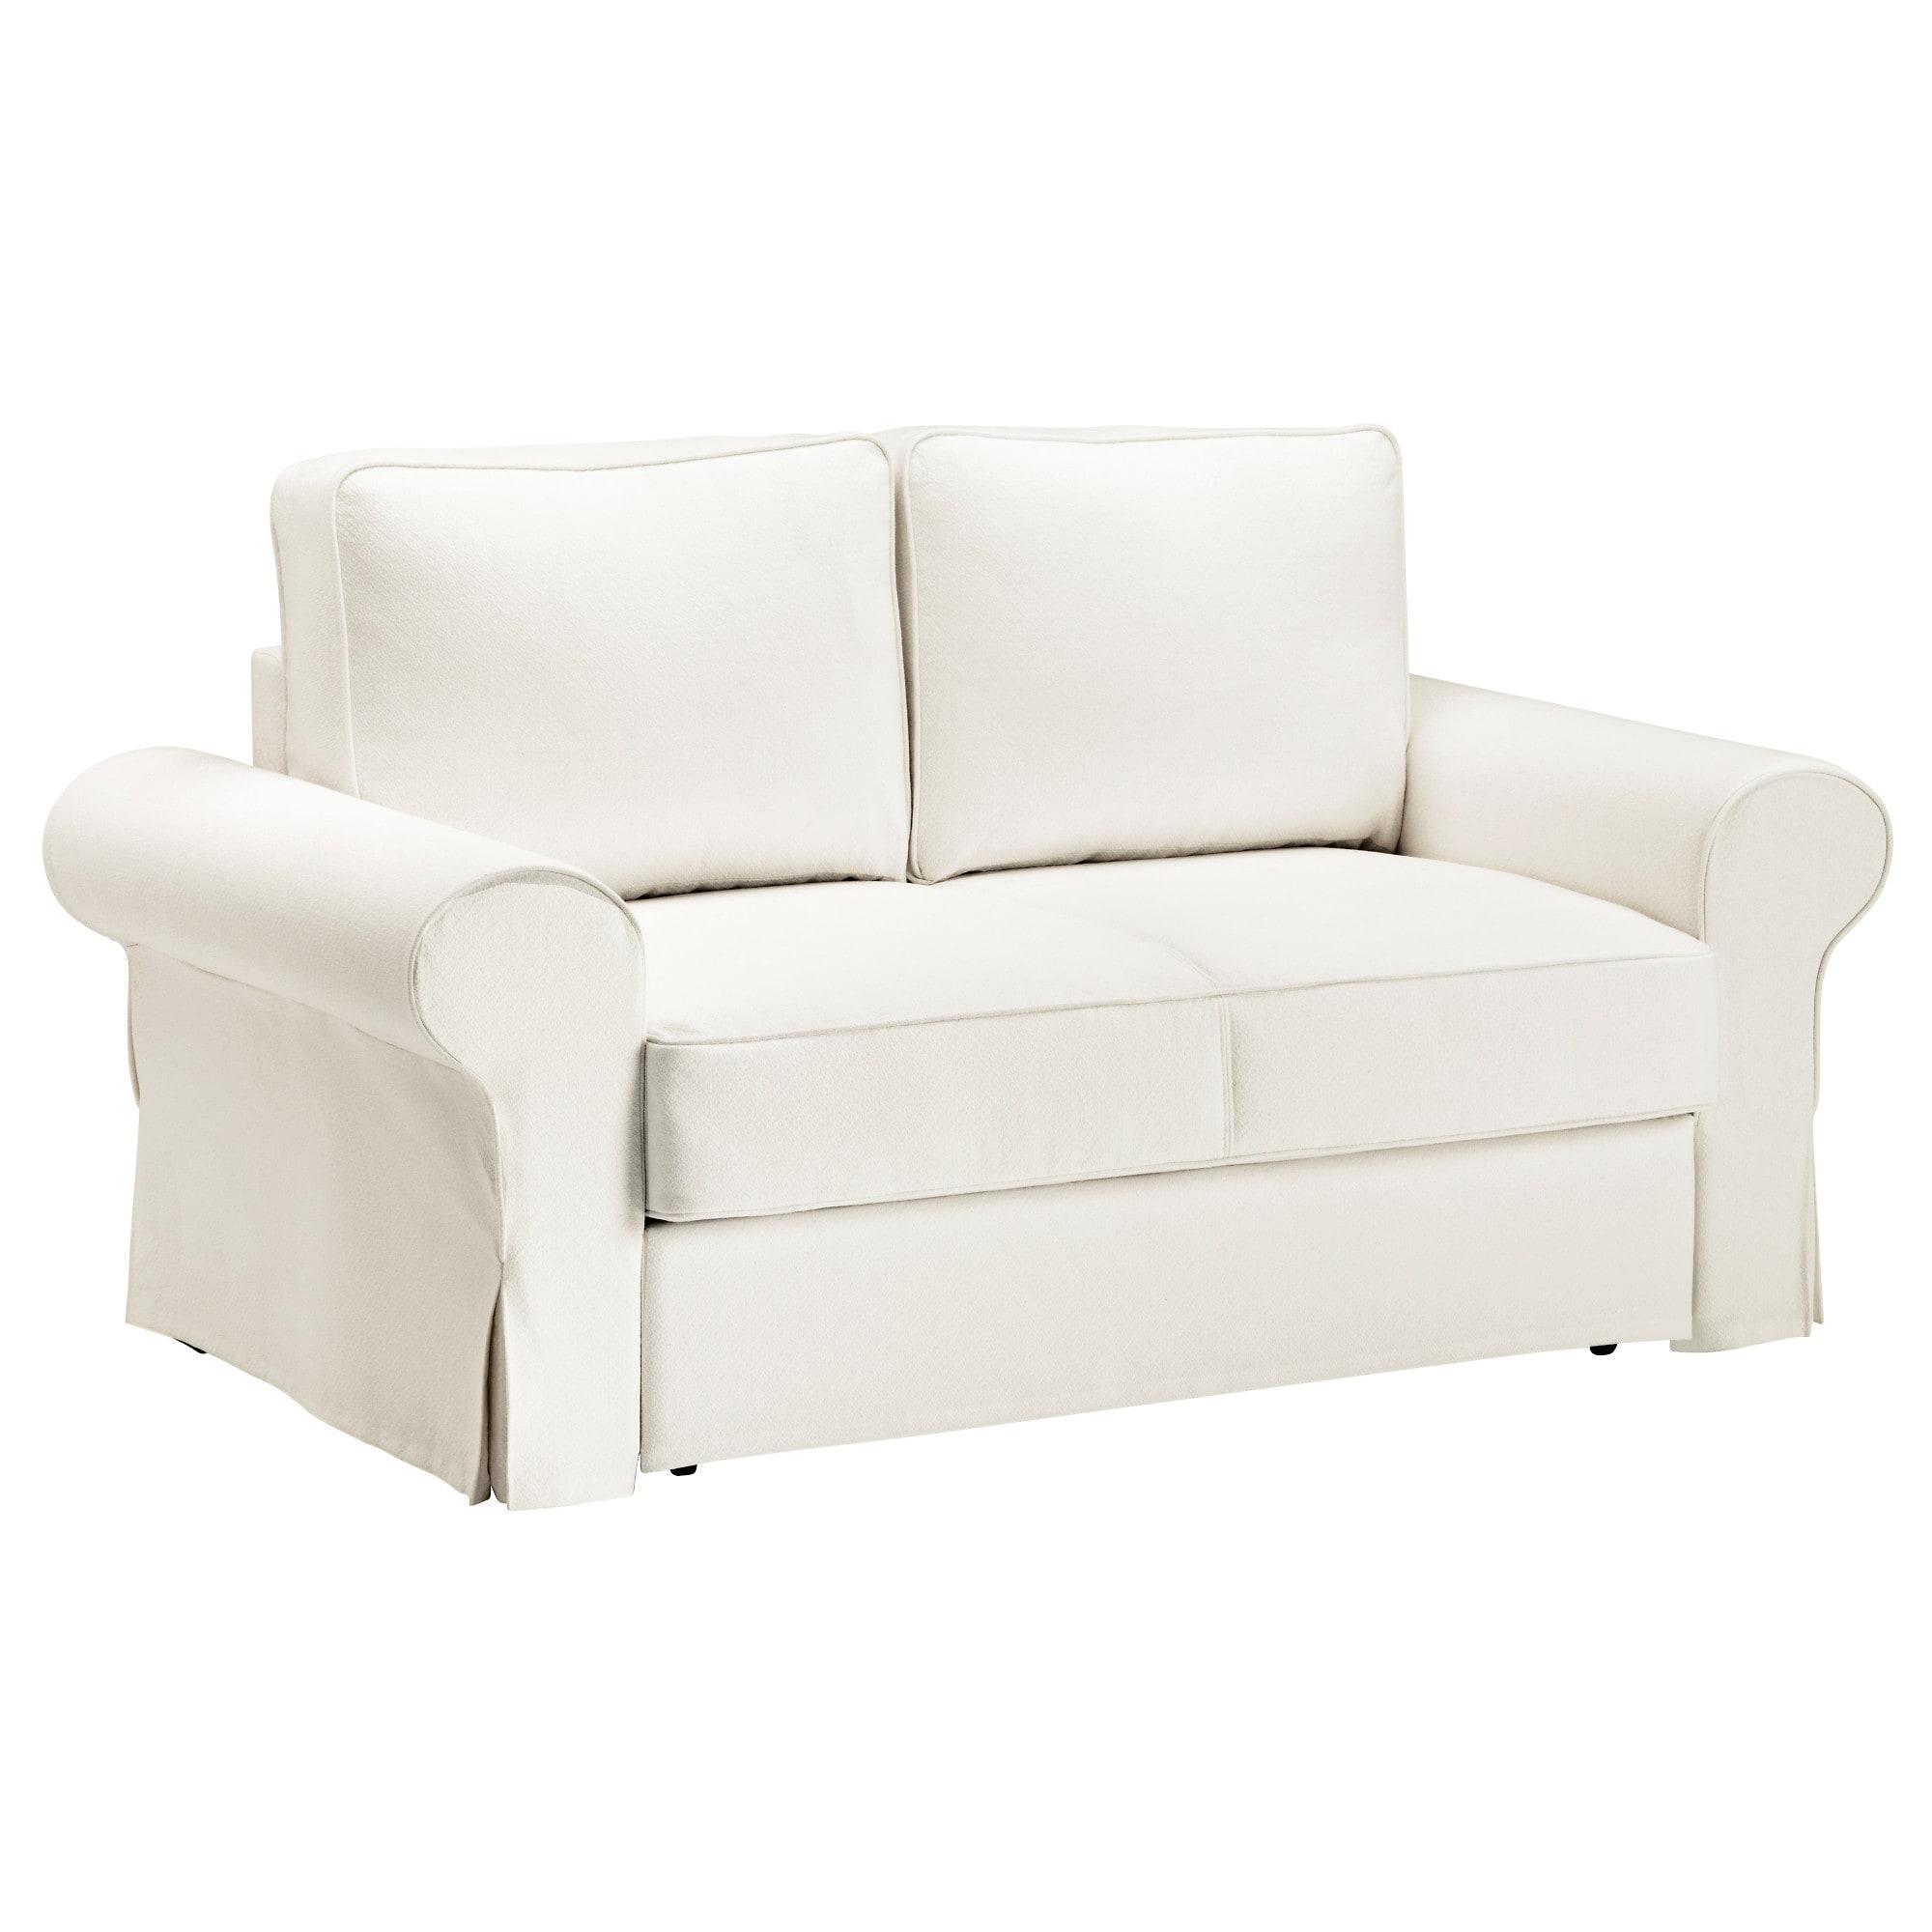 Sofa Cama Dos Plazas Ikea Zwdg Backabro sofà Cama 2 Plazas Hylte Blanco Ikea